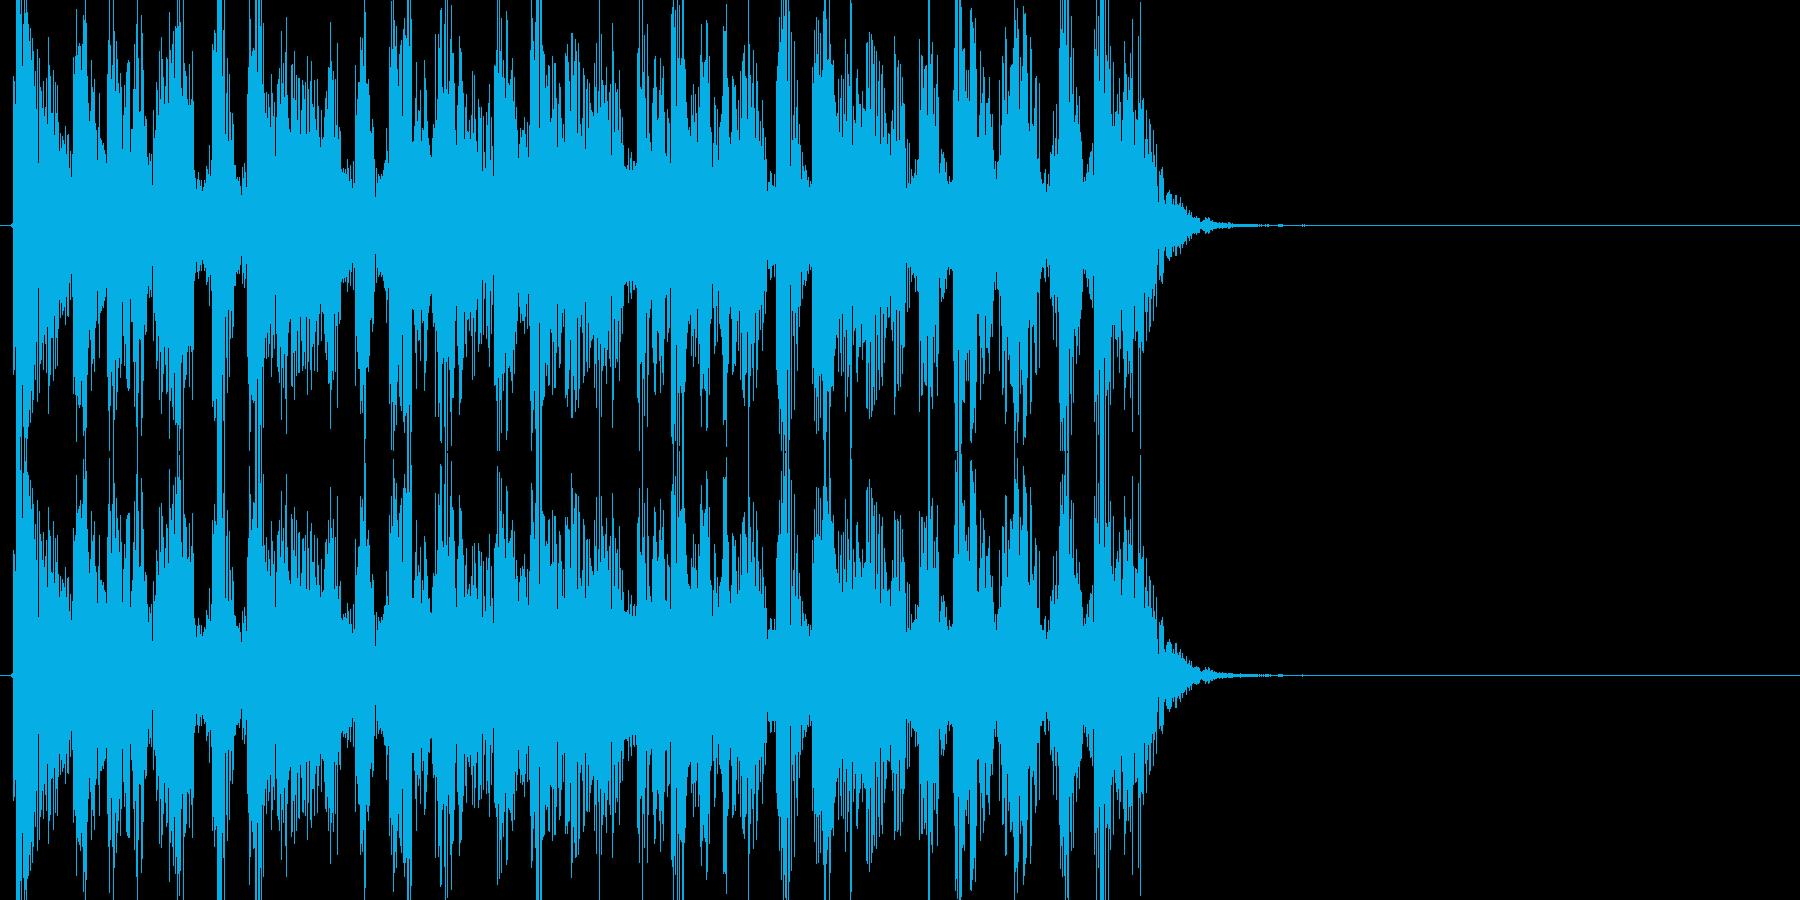 デトロイトテクノ調のジングル向きの短い曲の再生済みの波形